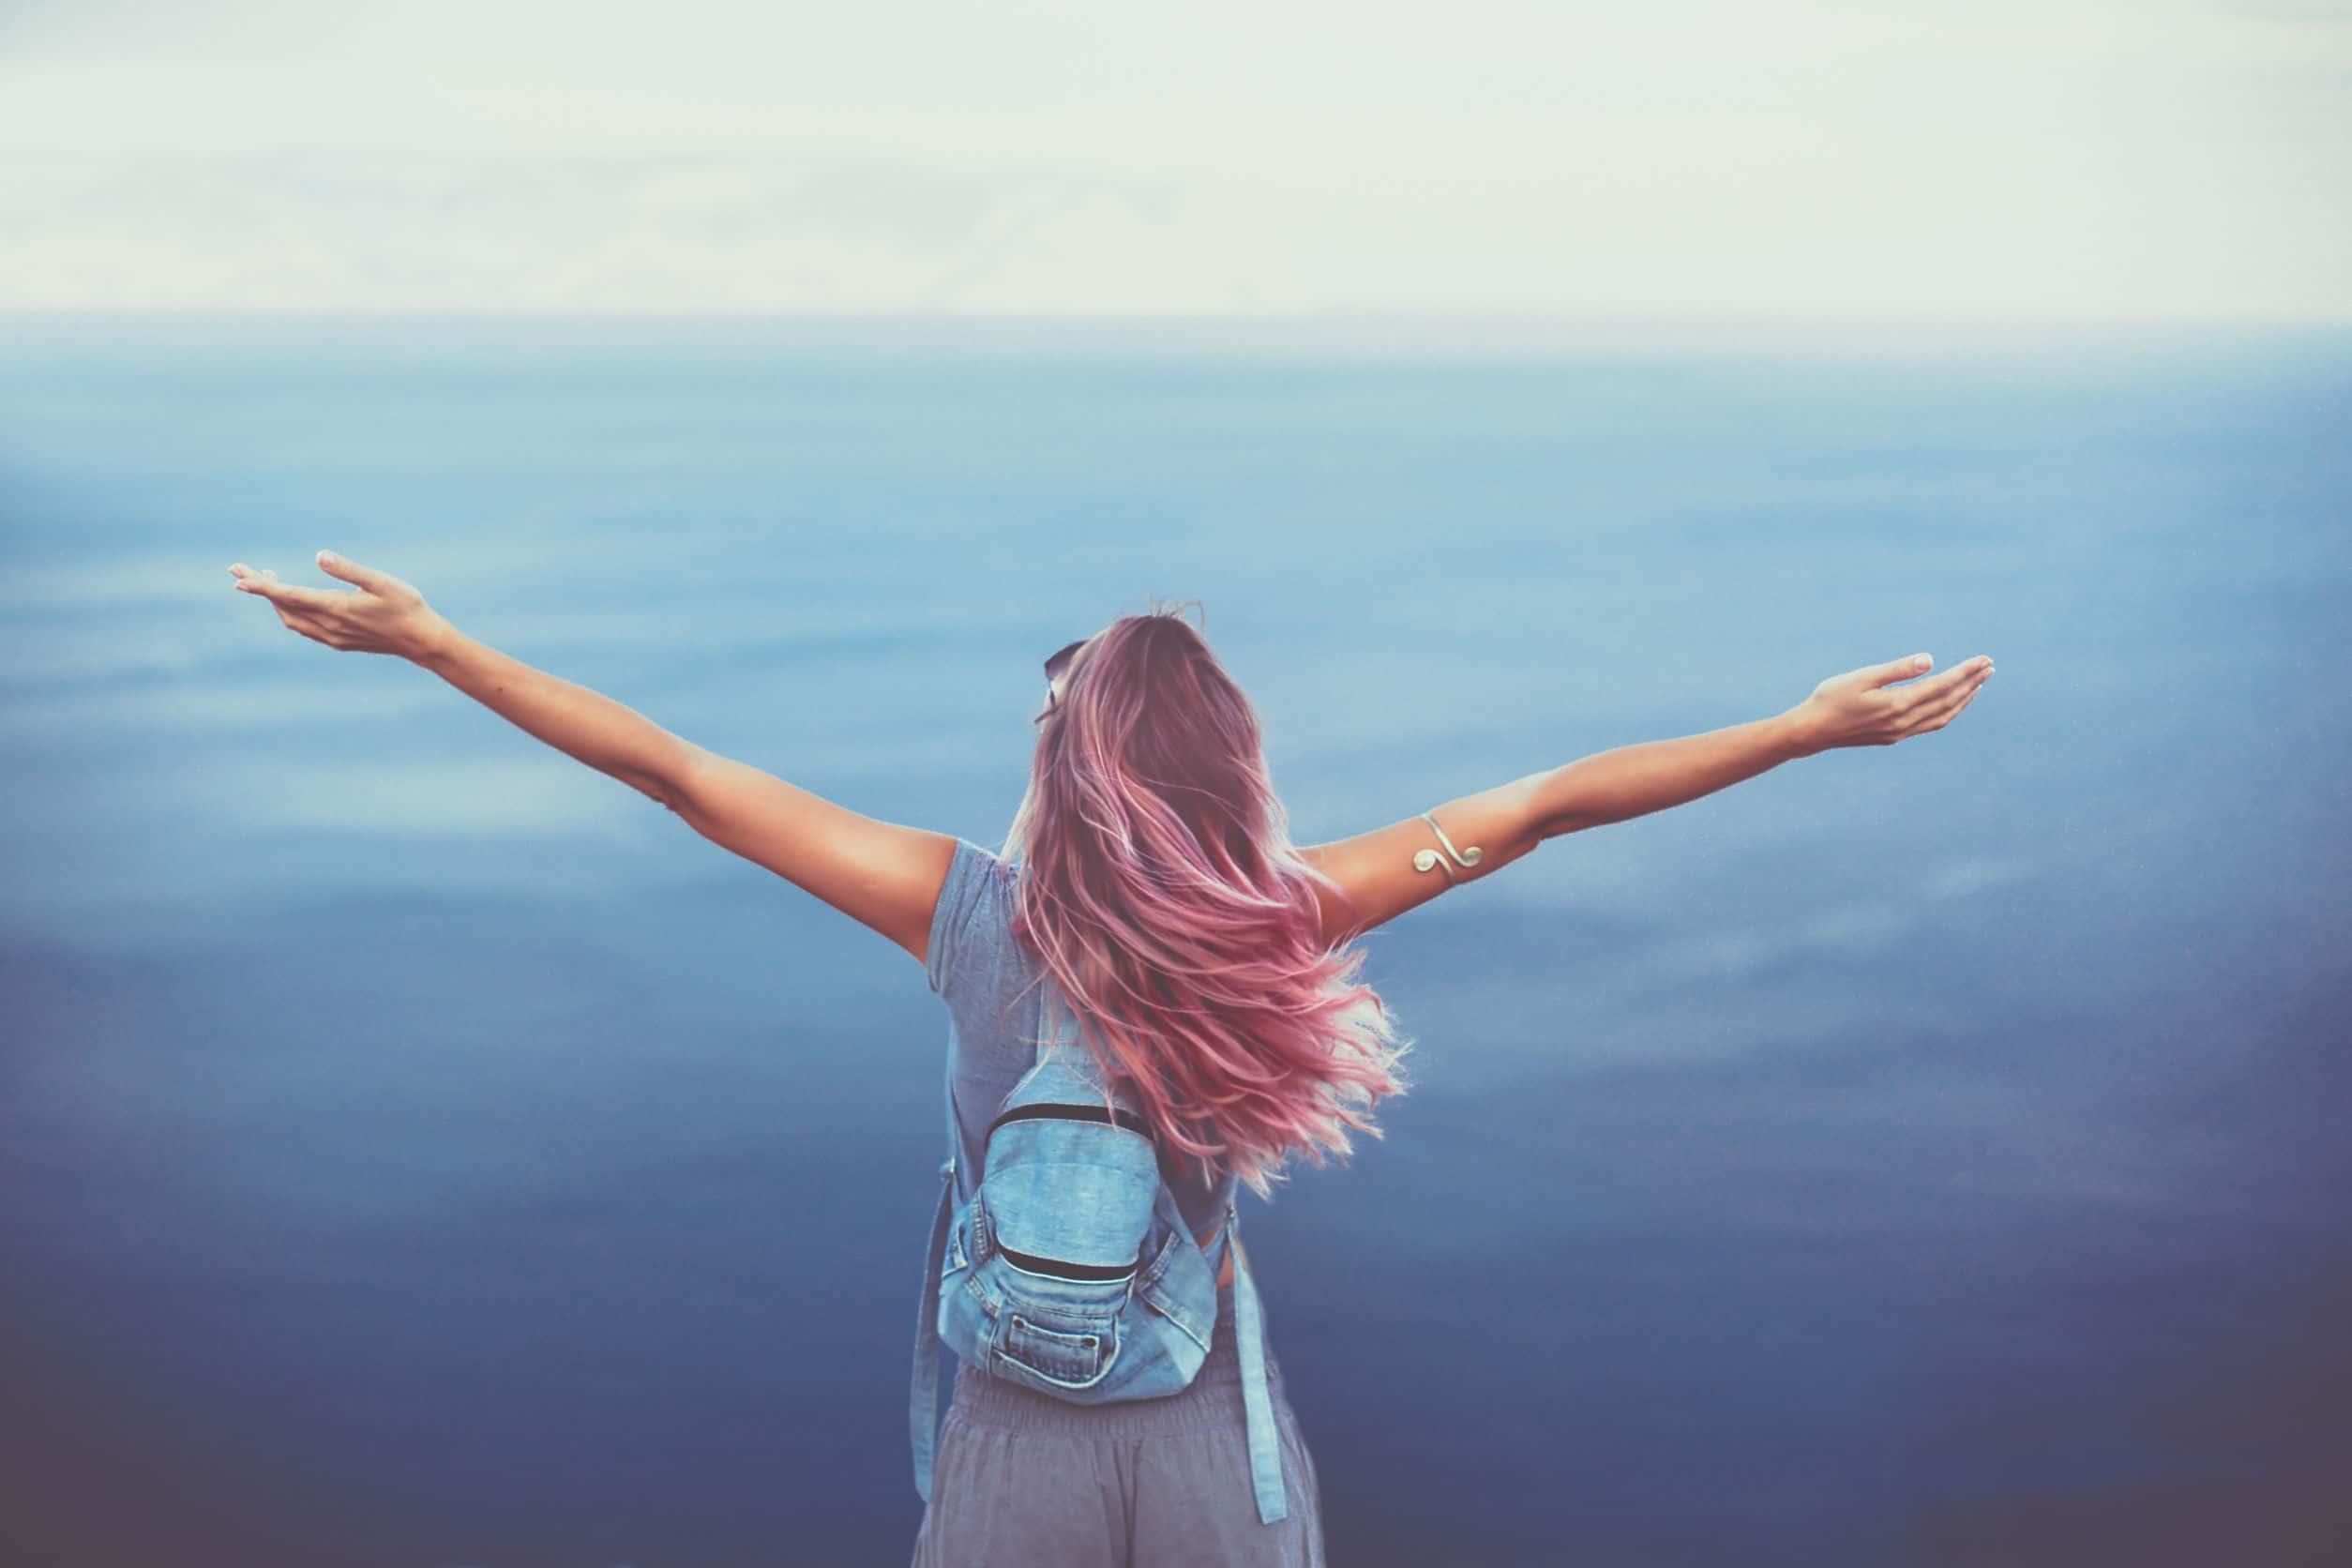 Mulher com cabelo rosa com os braços abertos. Usa uma mochila azul e roupa cinza. De frente para ela está o oceano.